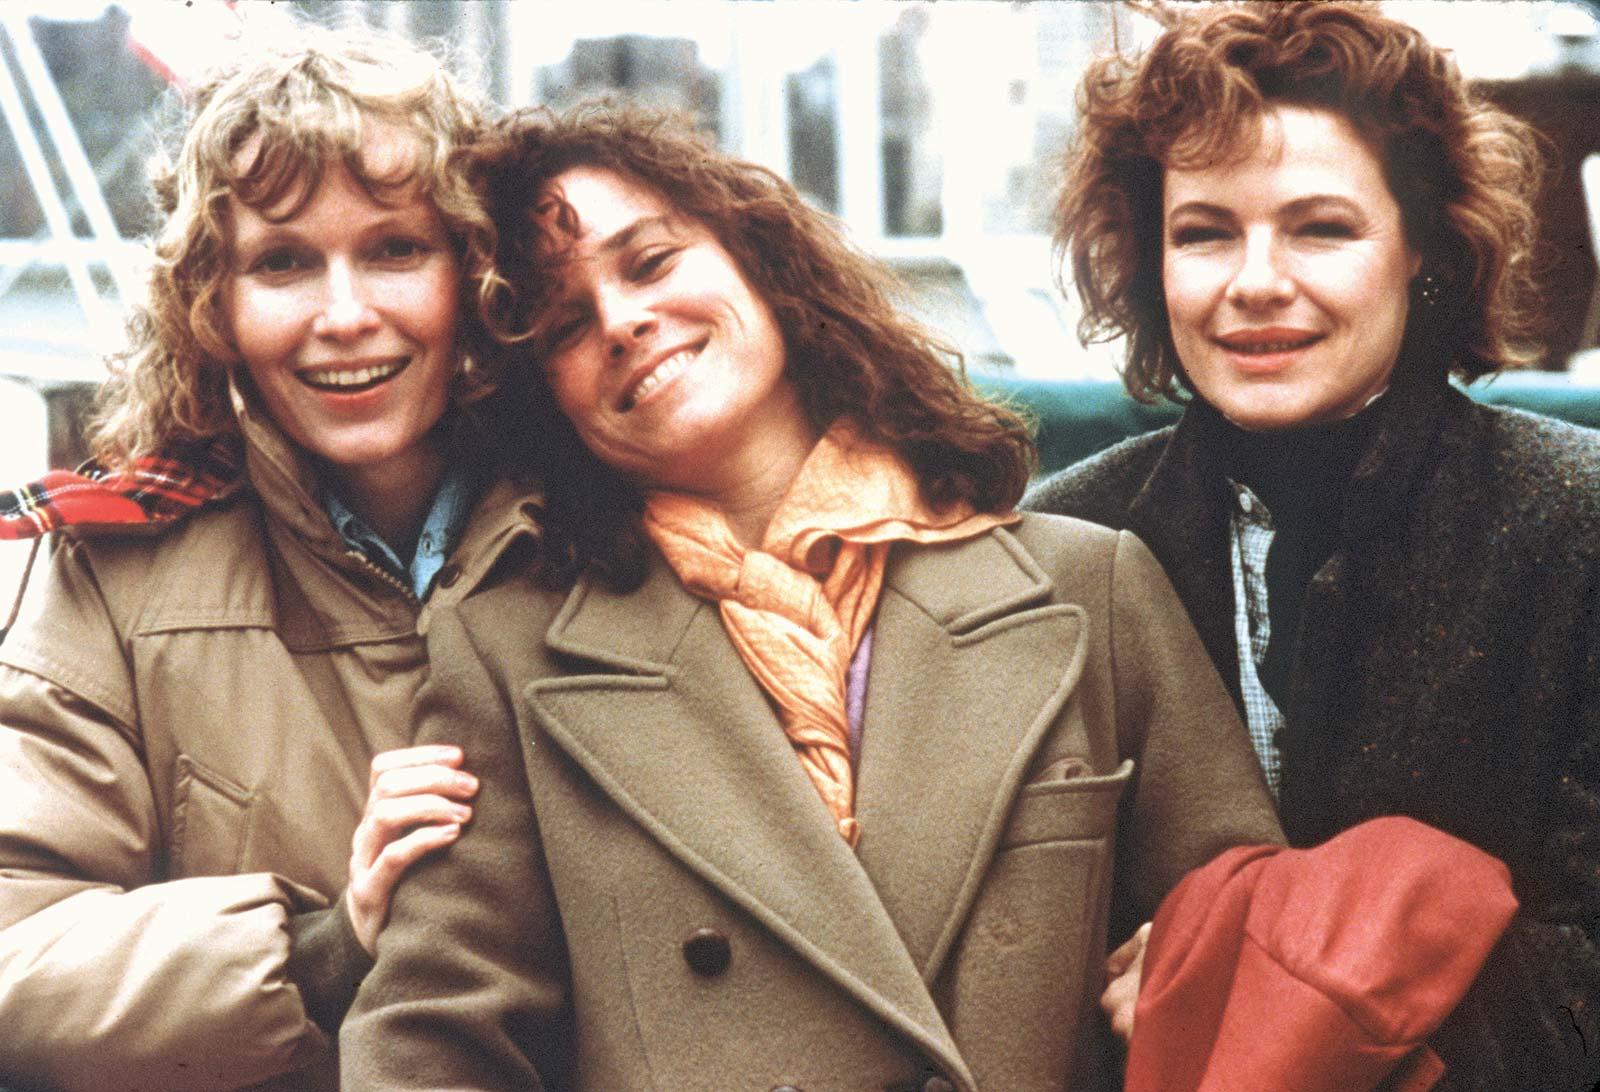 Mia-Farrow-Barbara-Hershey-Hannah-and-Her